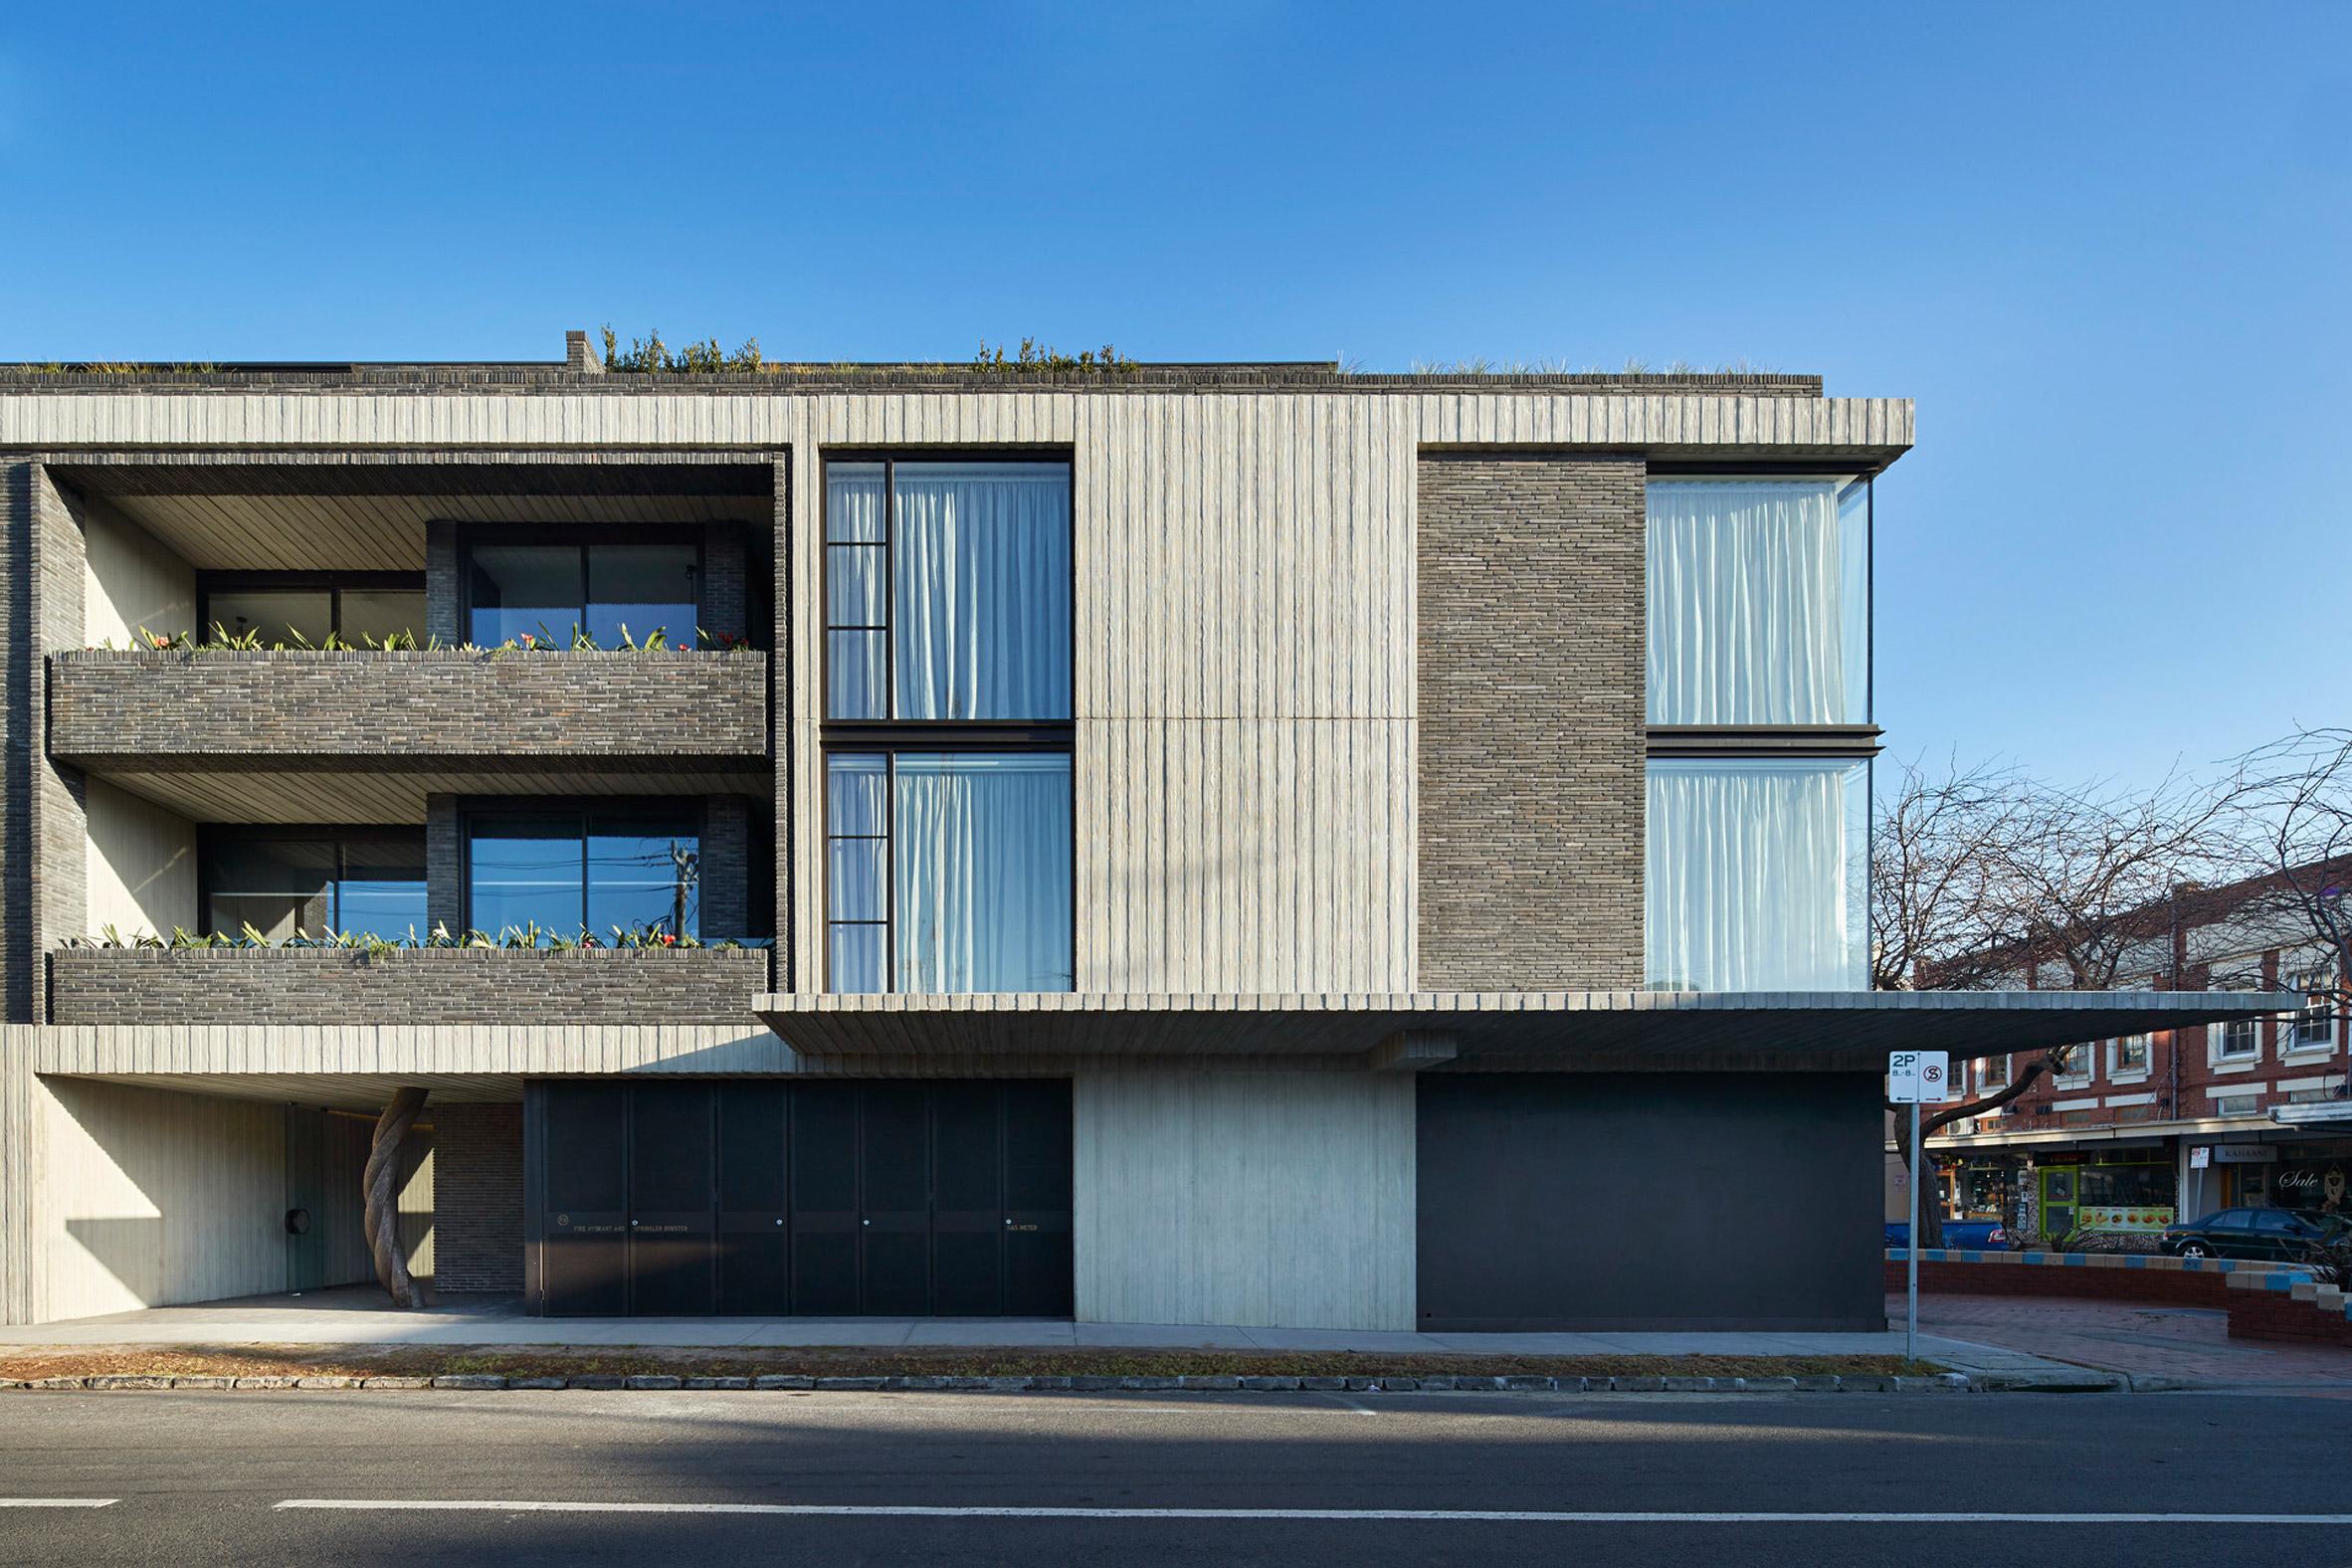 Architecture firm Woods Bagot design apartment complex